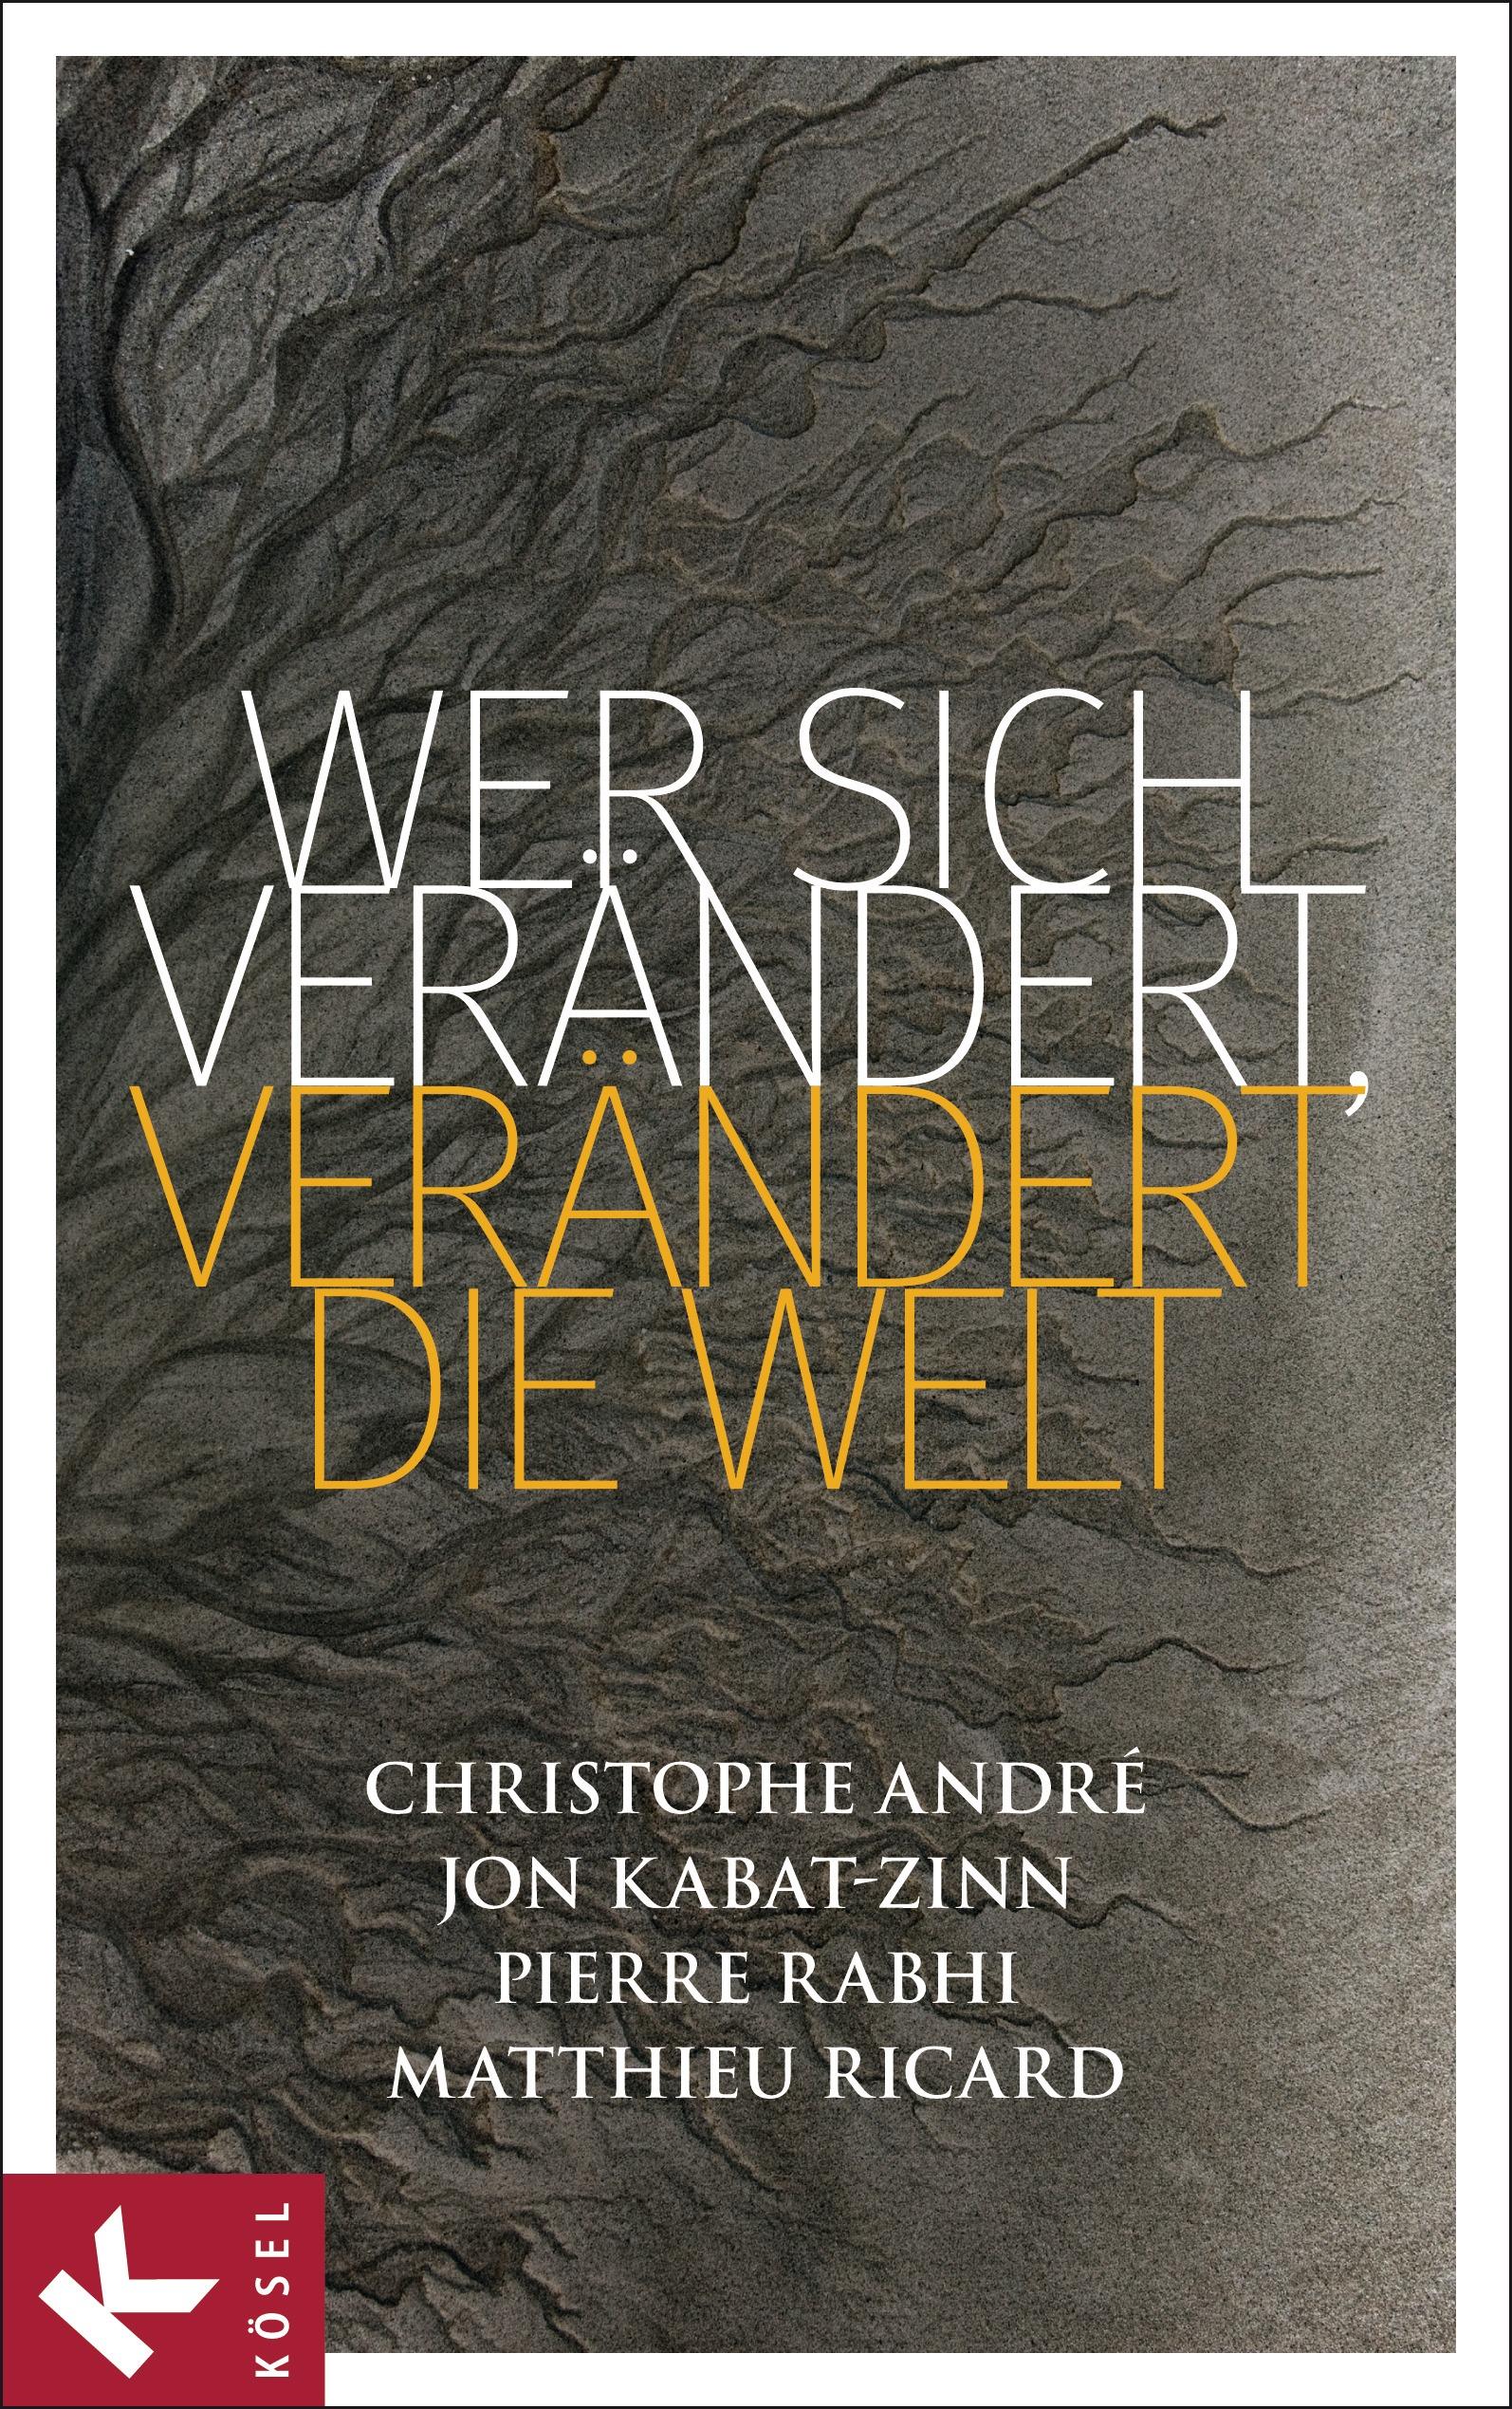 Wer sich verändert, verändert die Welt Christophe André